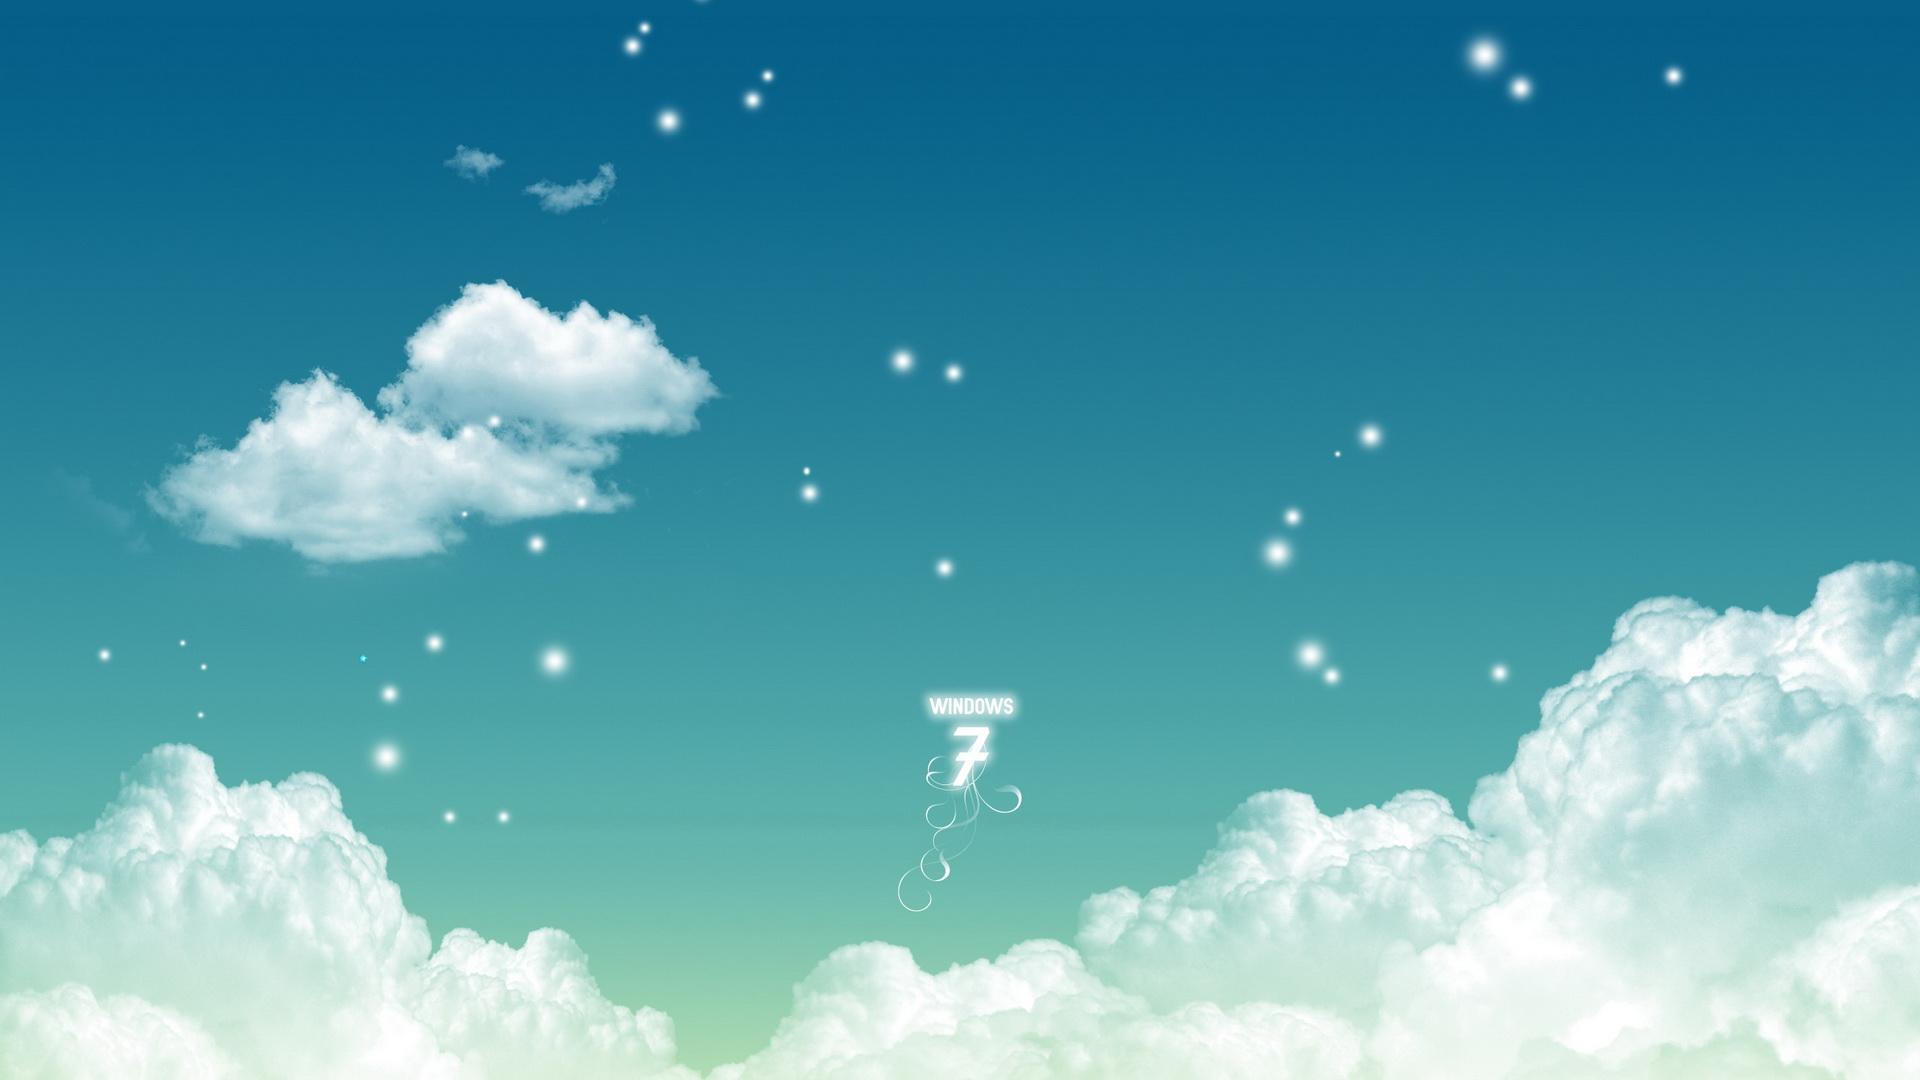 背景 壁纸 风景 设计 矢量 矢量图 素材 天空 桌面 1920_1080